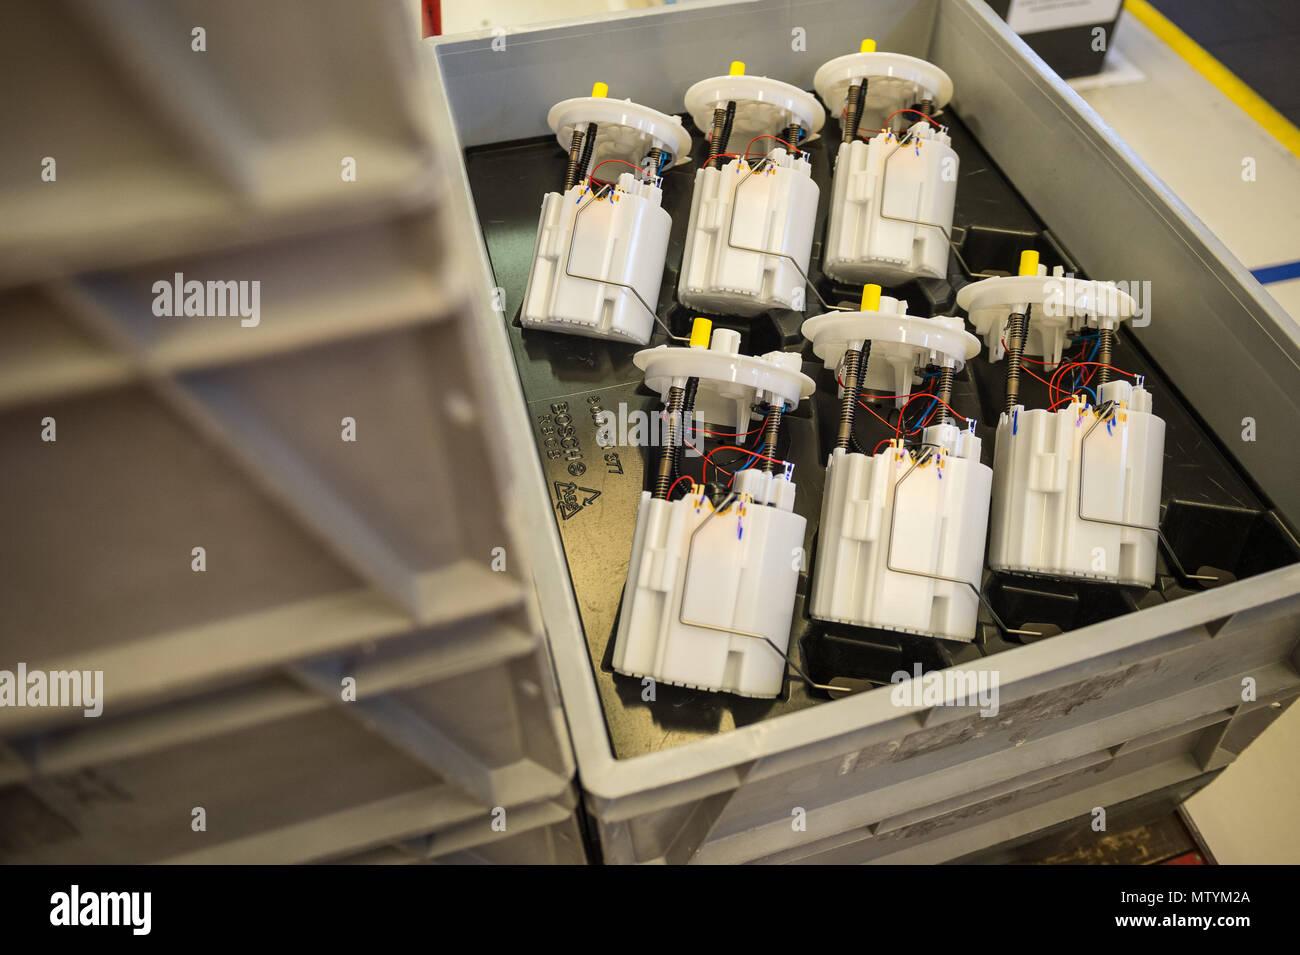 Bosch Kühlschrank Produktion : Robert bosch stockfotos robert bosch bilder seite alamy